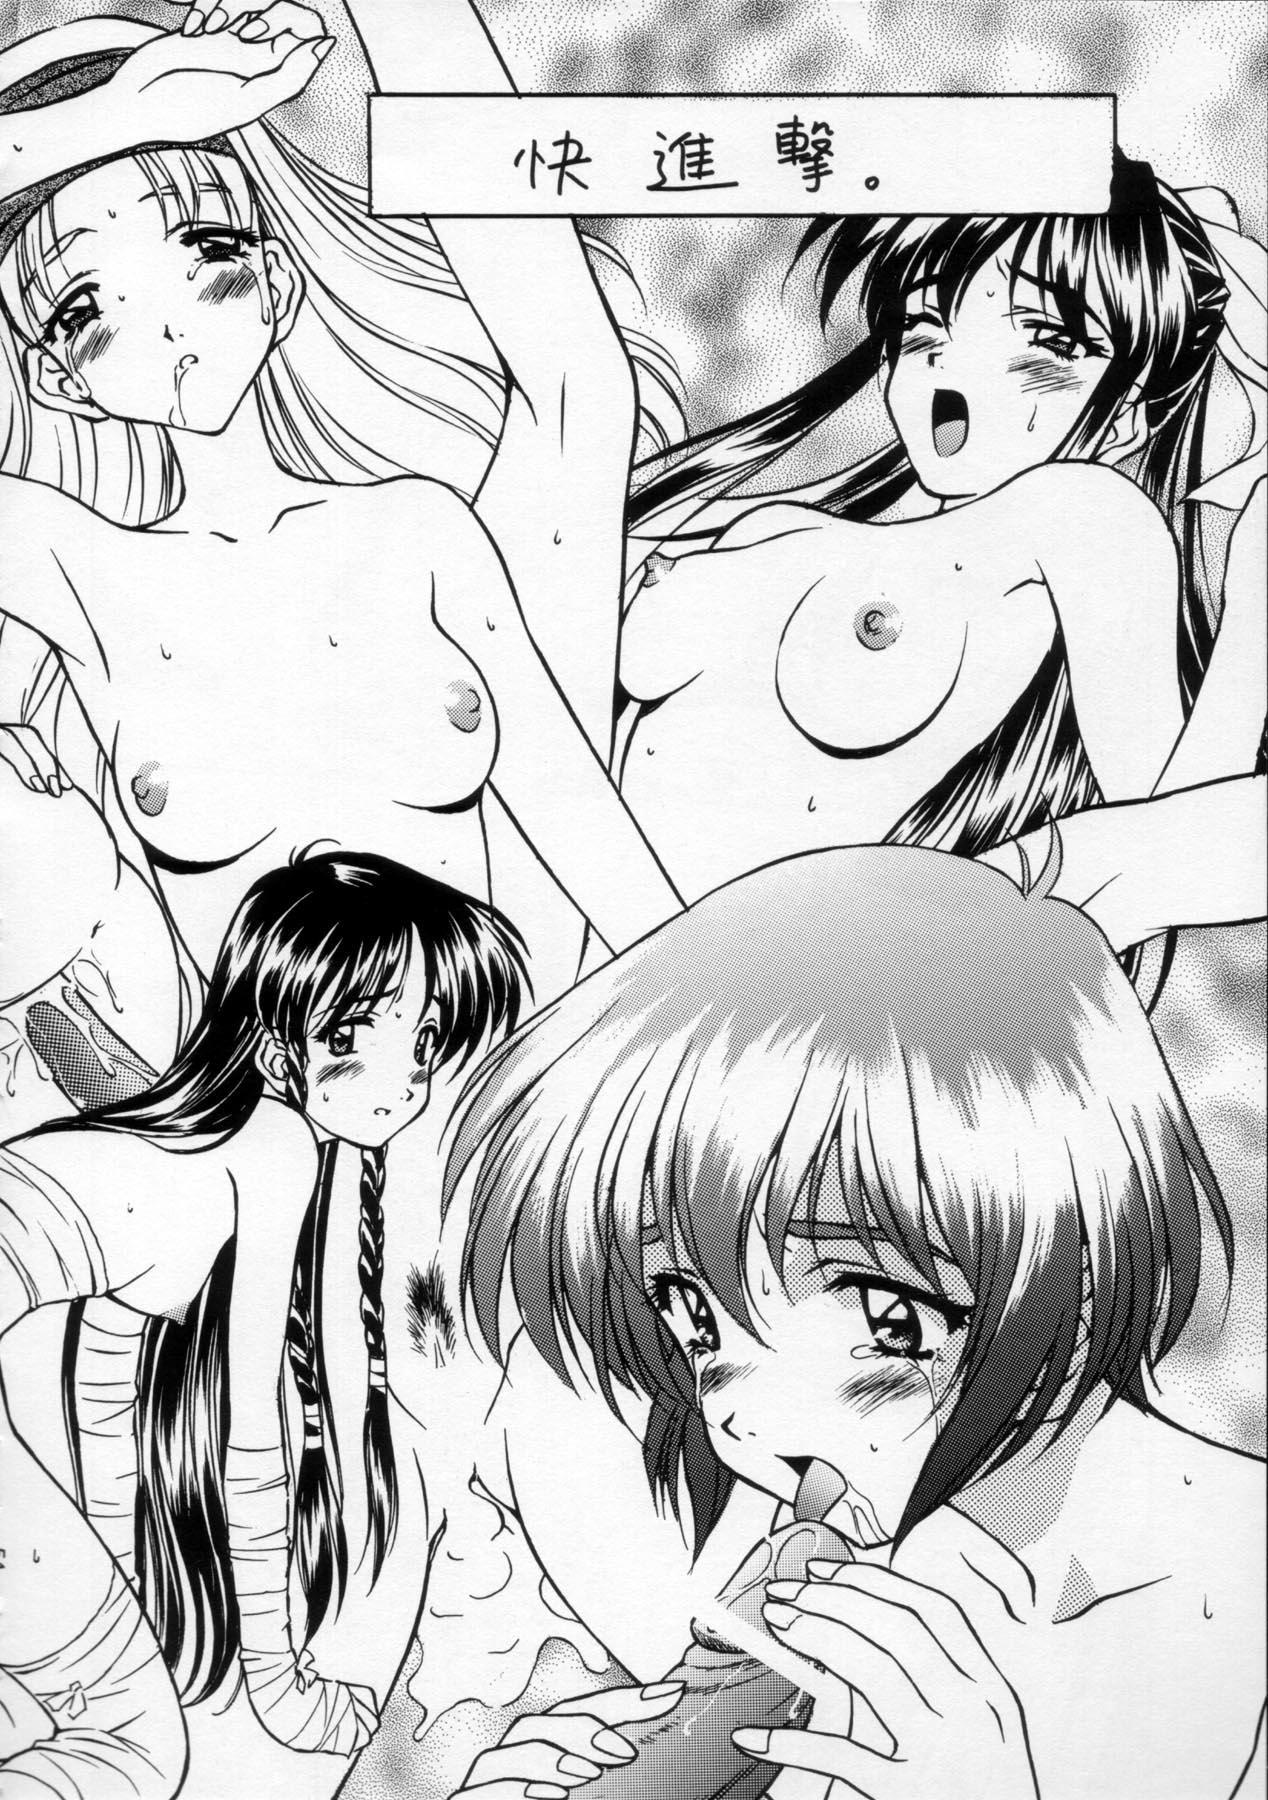 Henreikai '98 Natsu SPECIAL 54